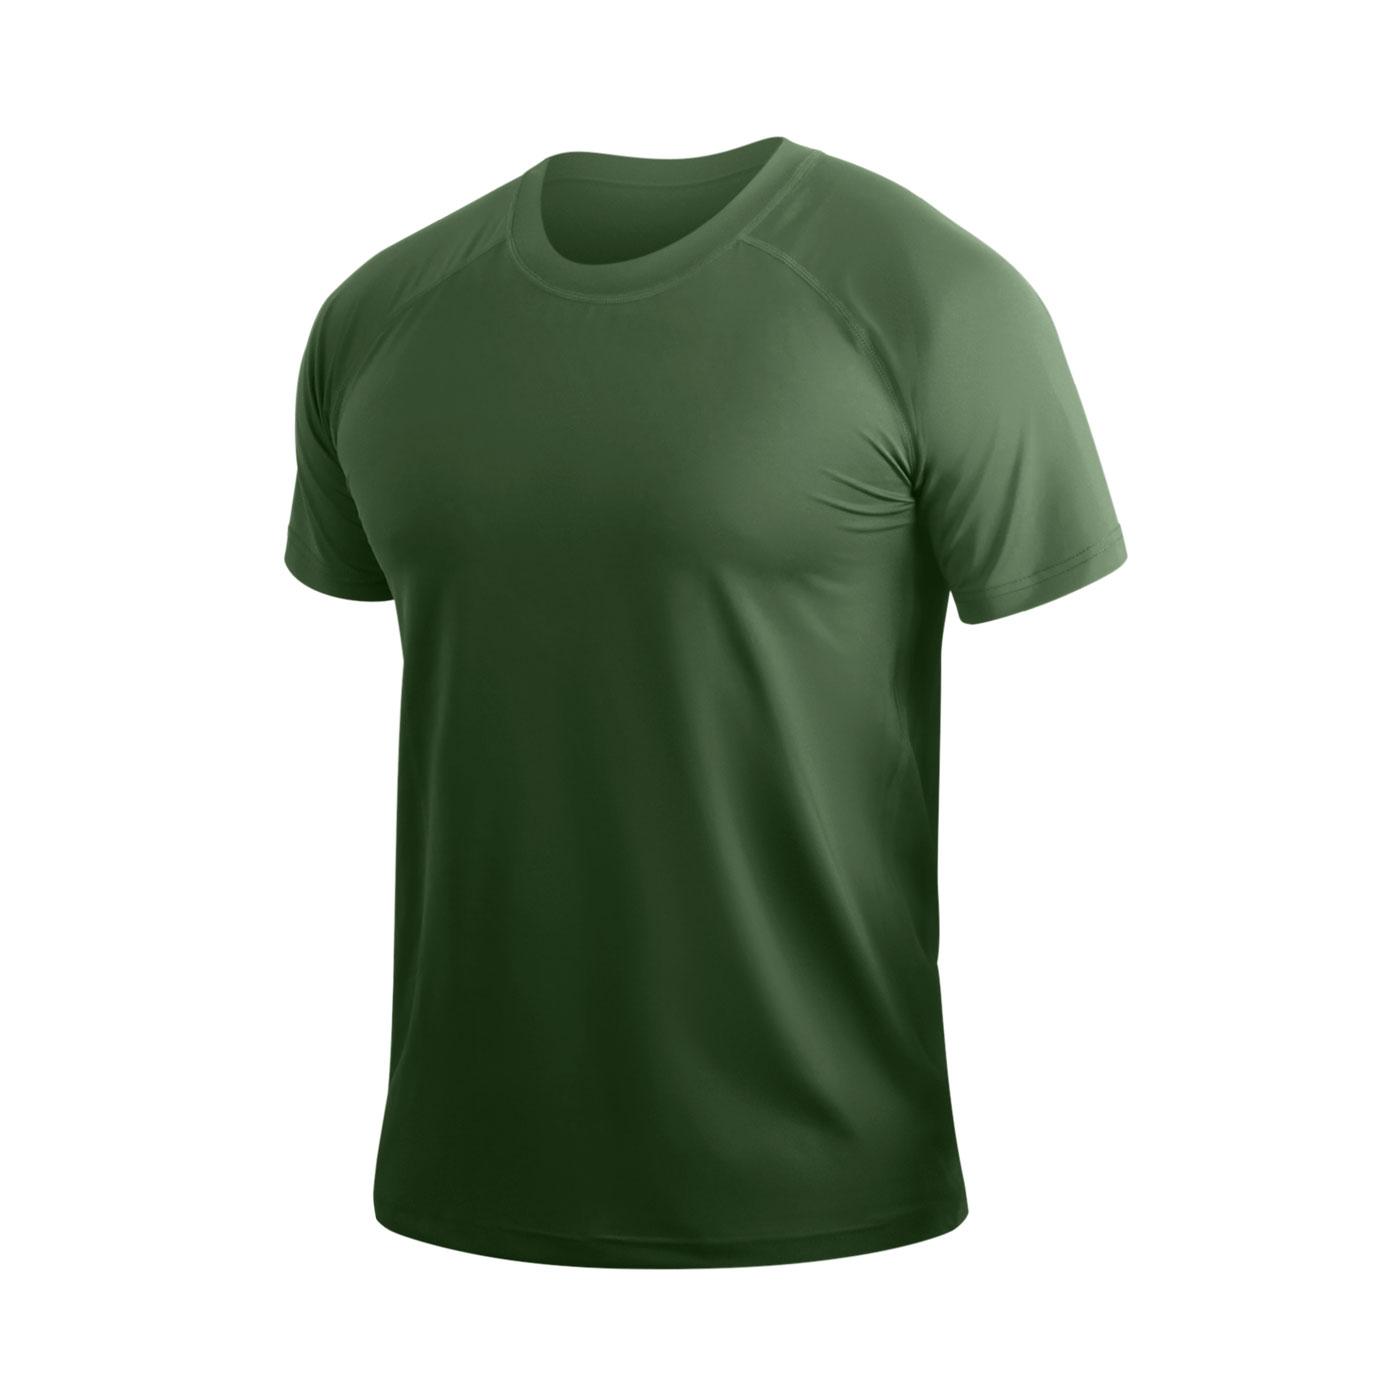 HODARLA 無拘束輕彈機能衣 3114801 - 軍綠